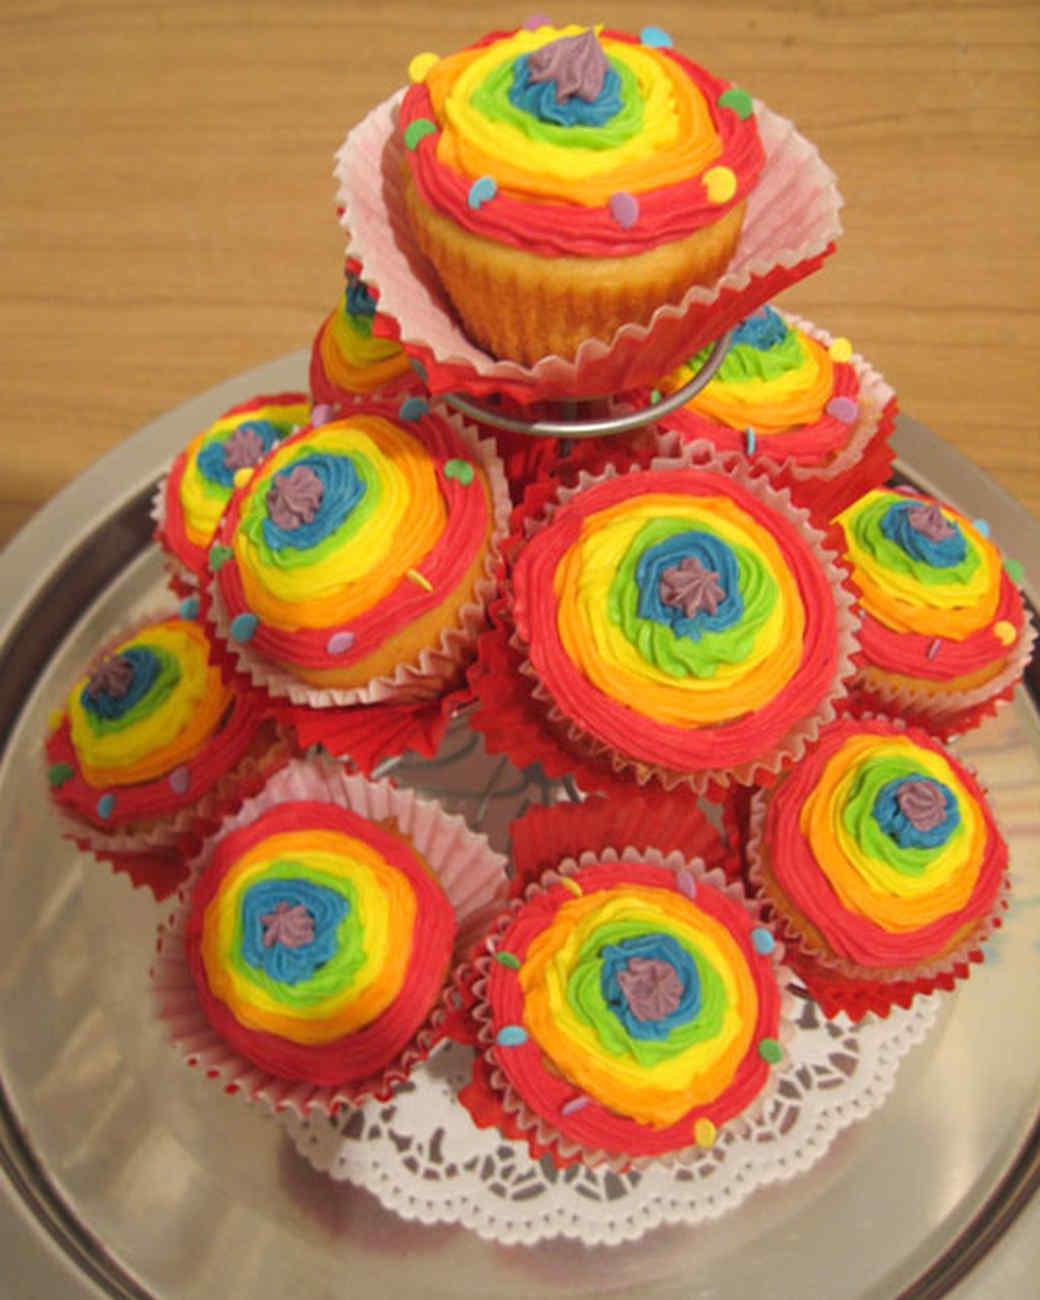 cupcake_contest_0211_rainbow_cupcakes.jpg